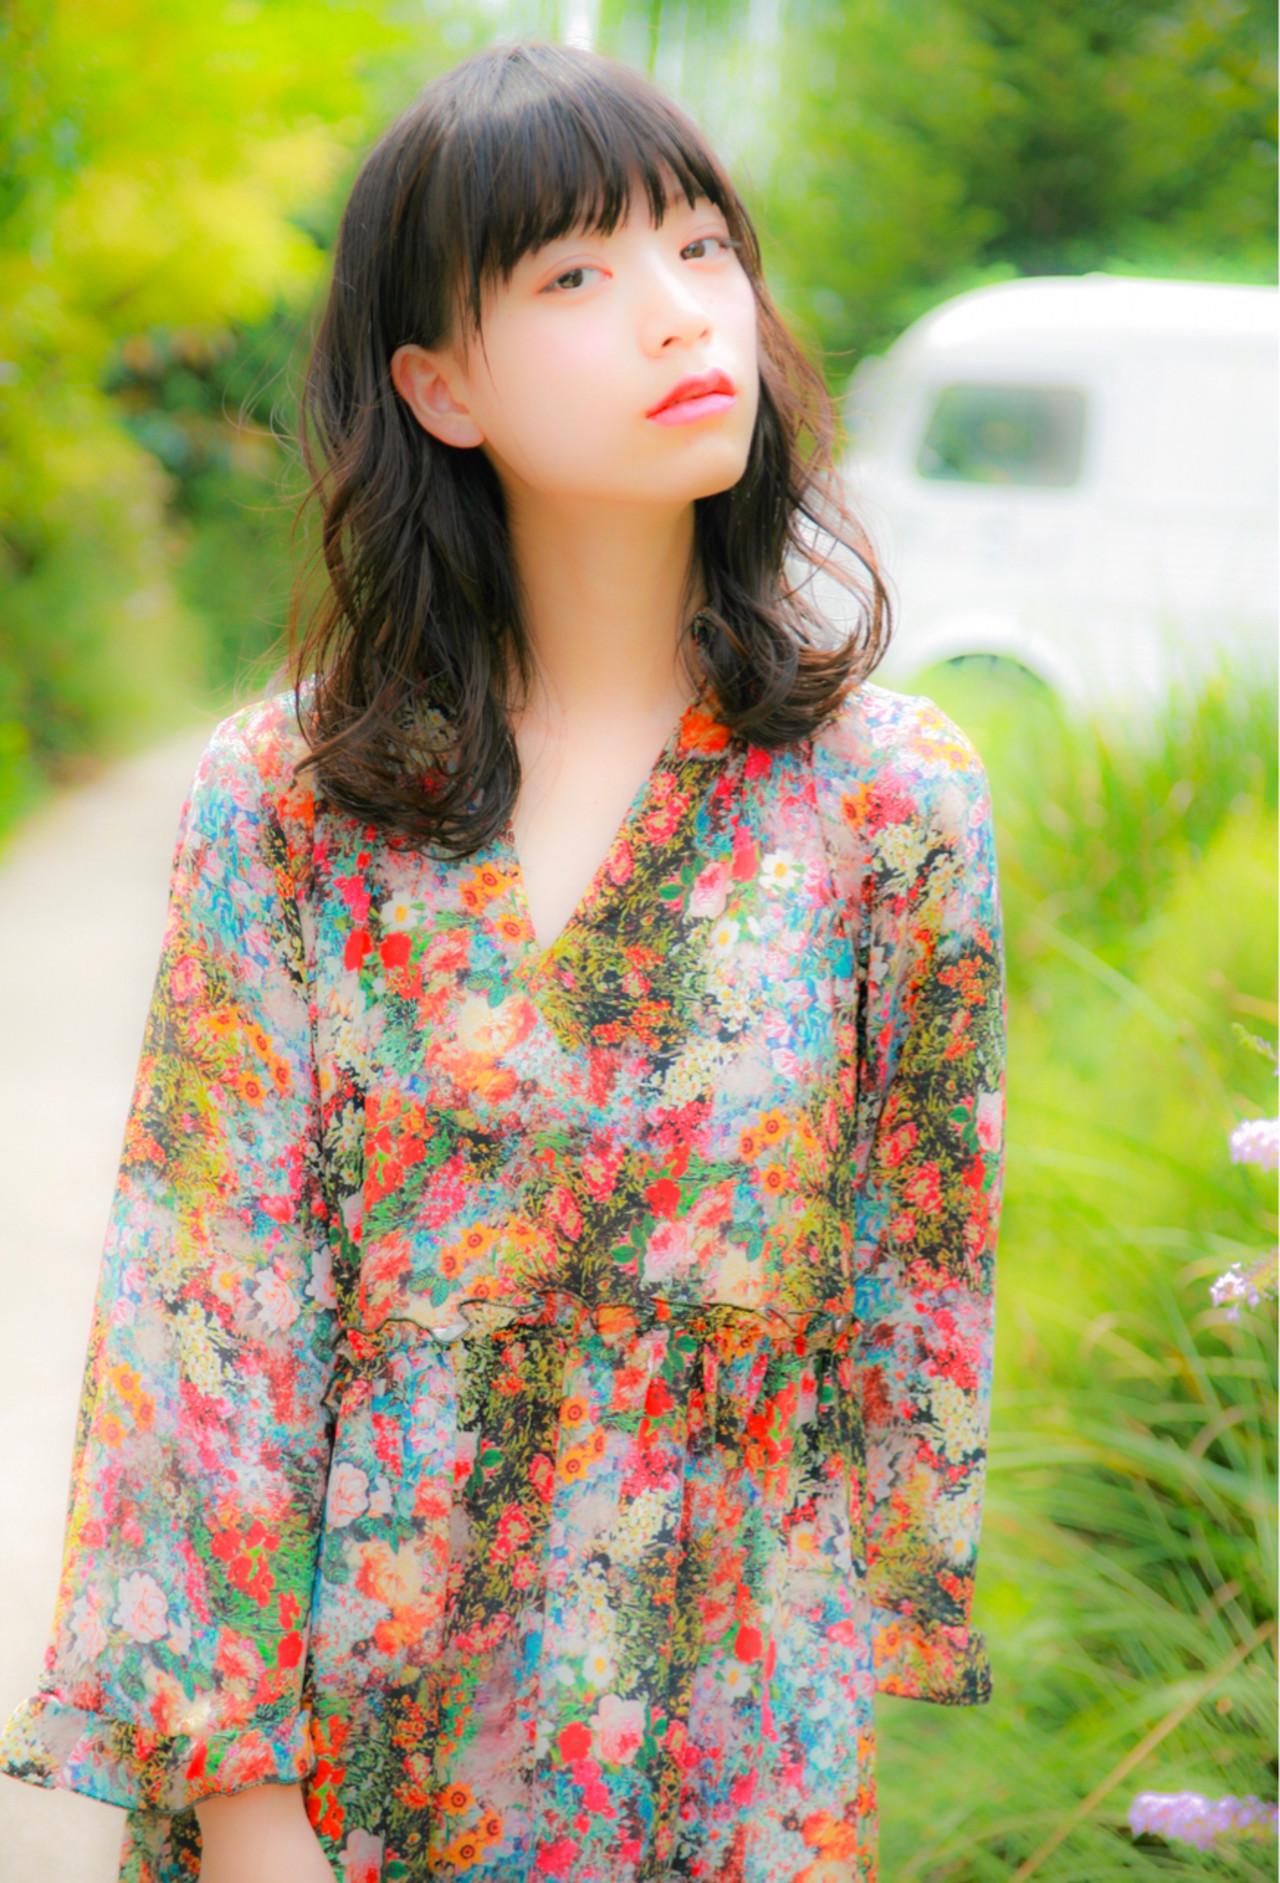 ミディアムのパーマヘアはフェミニンでオススメ♡ 佐藤 章太 | Heartim代官山